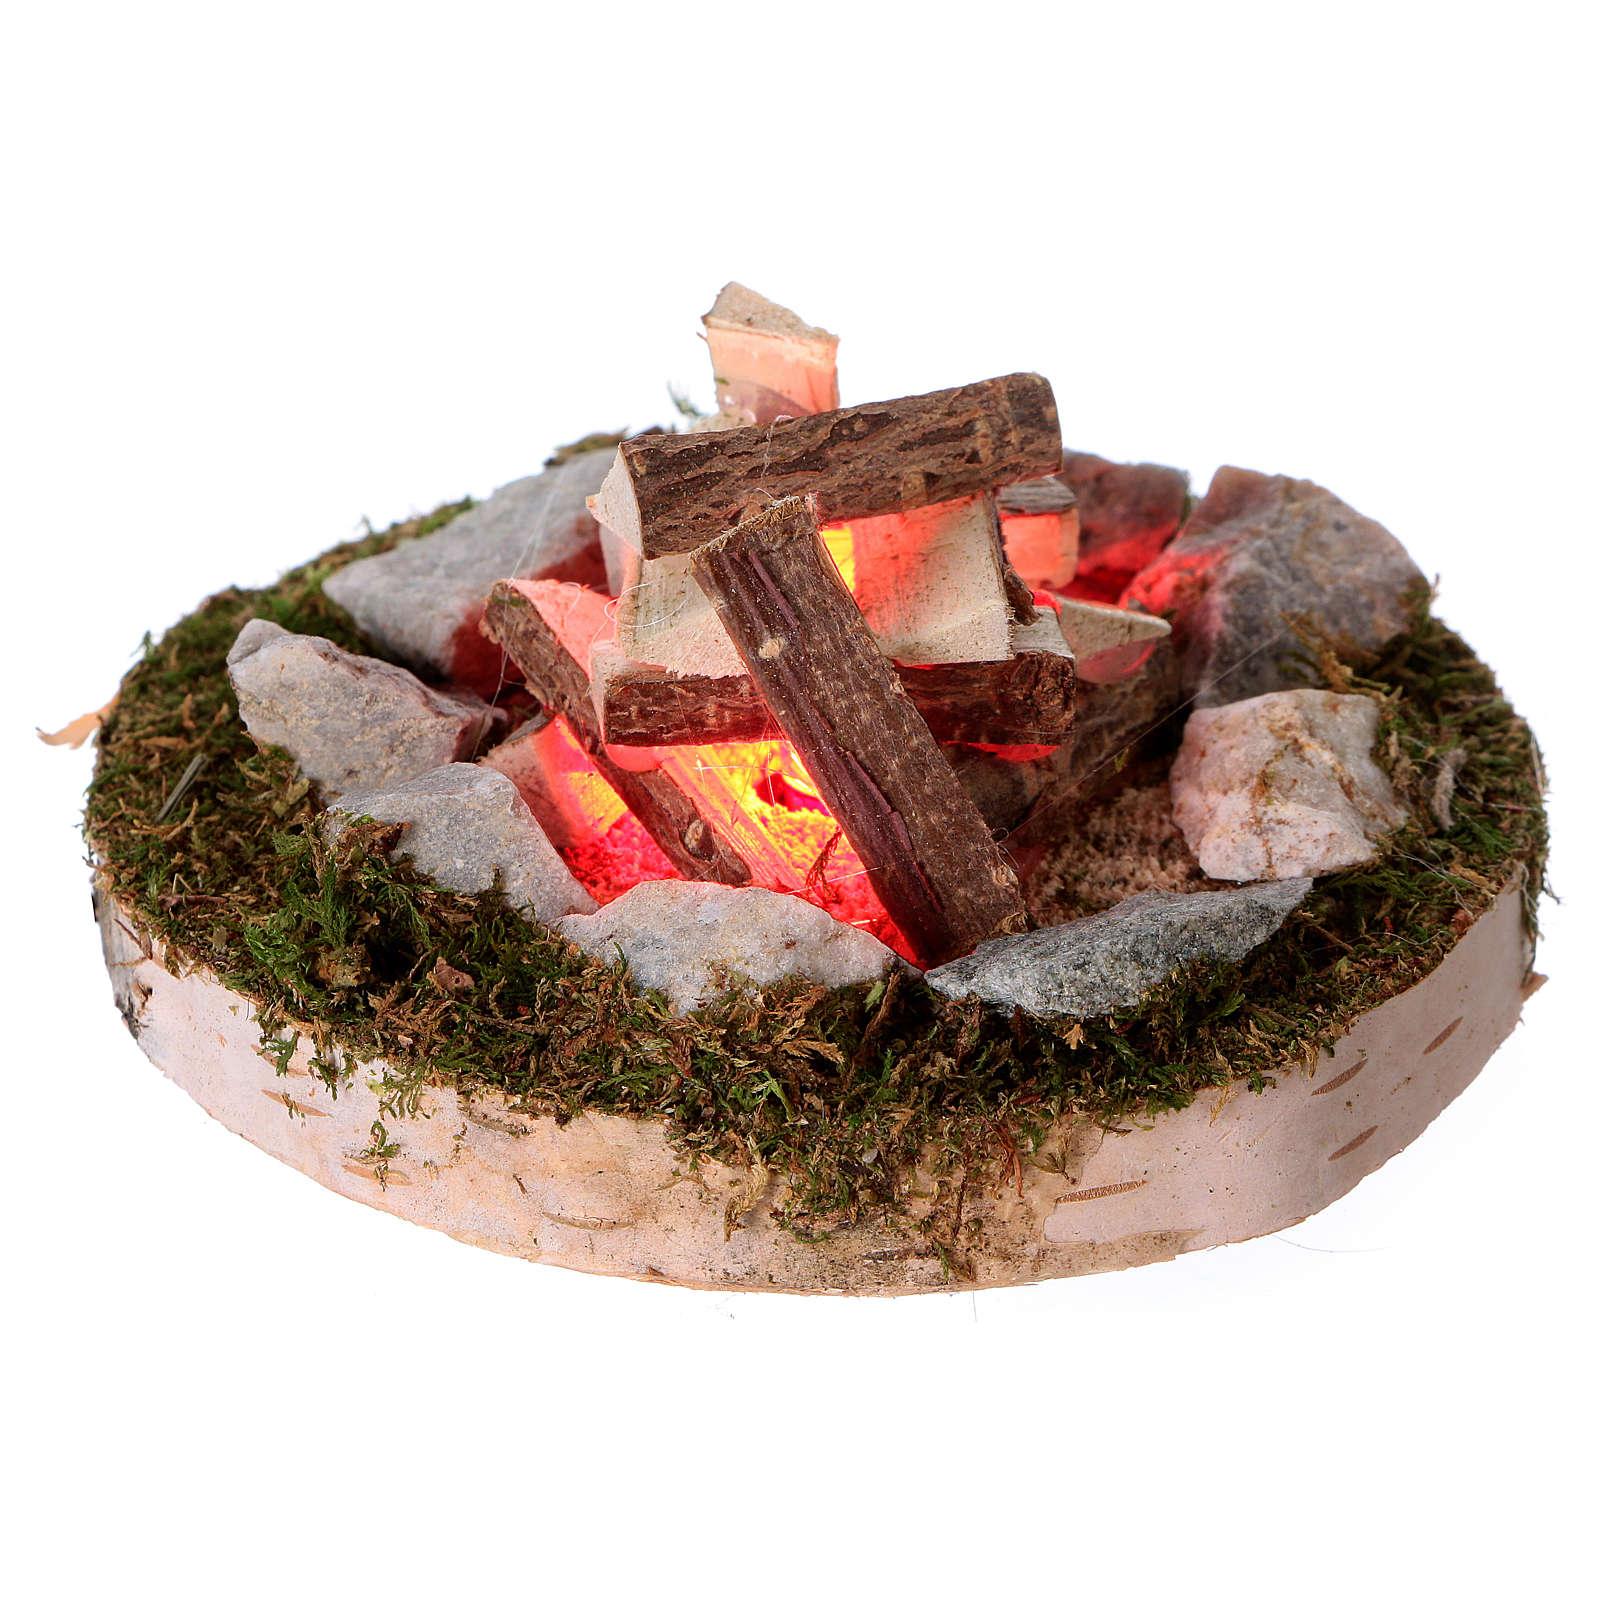 Feu de joie lumière effet feu éclairage 12V 4x6x6 cm pour crèches de 6-8 cm 4